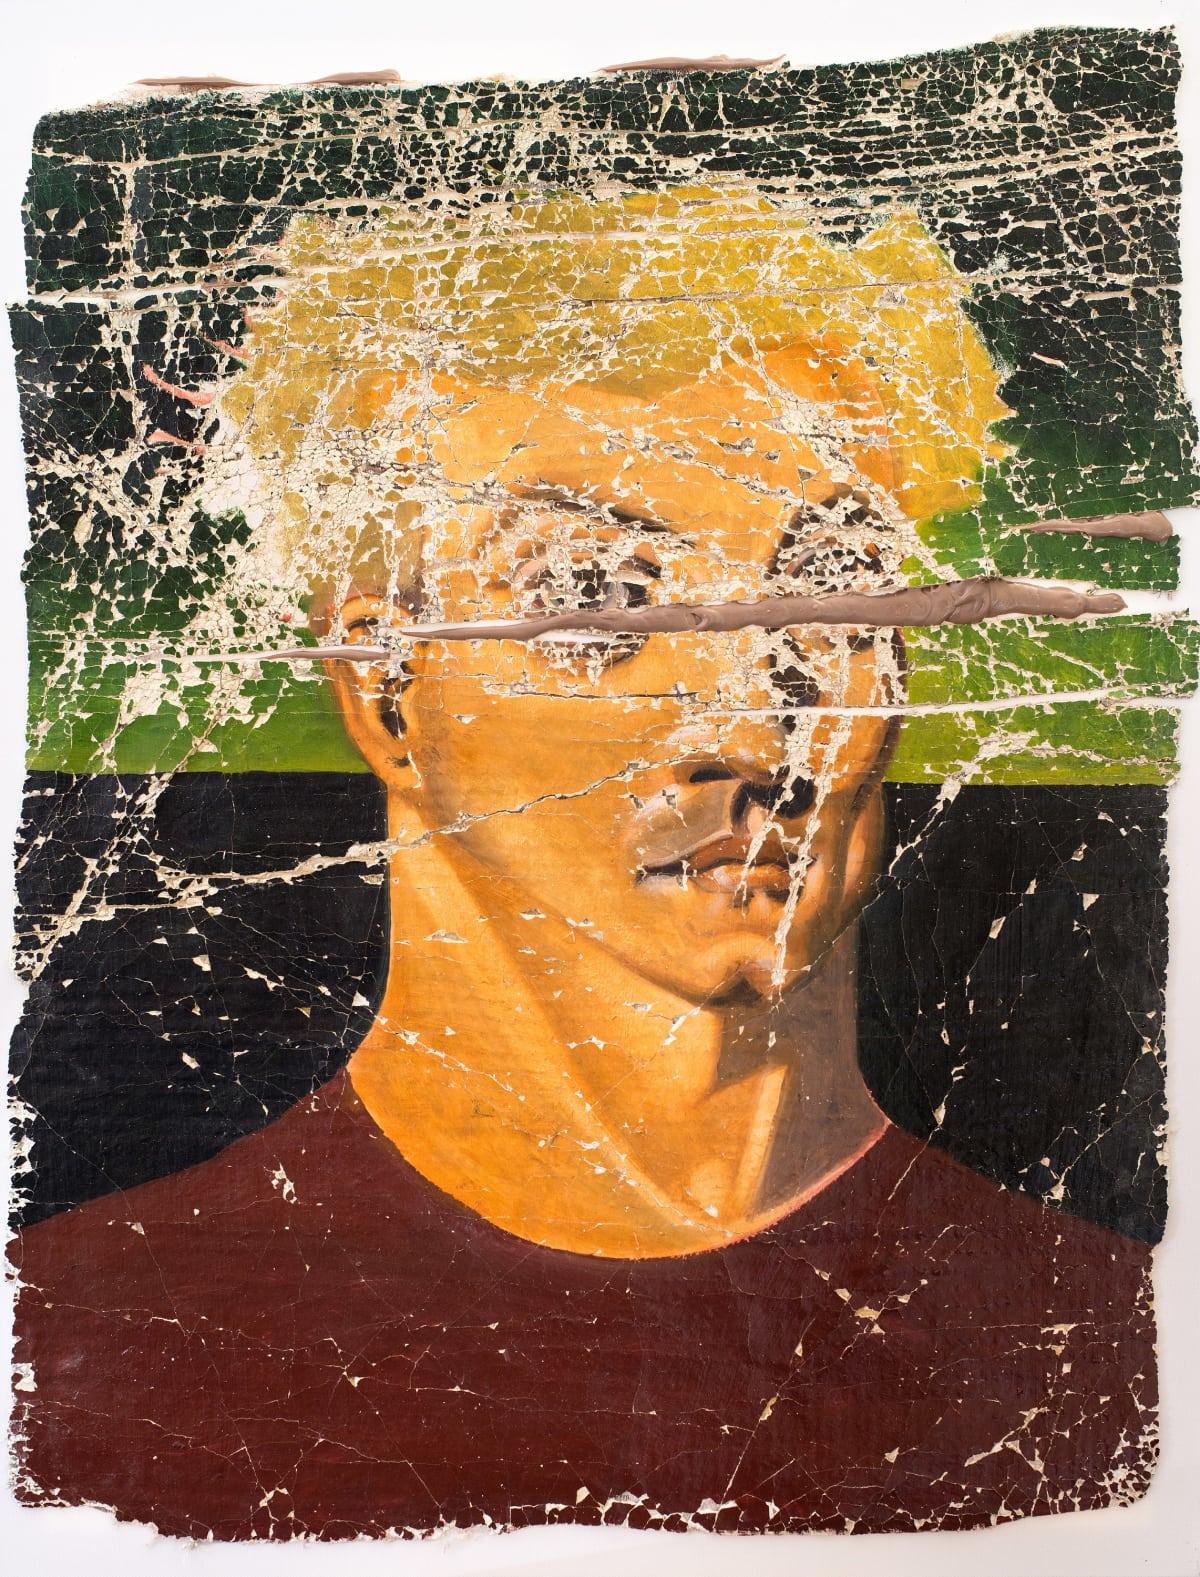 Derek Cowie Bensemann on Cadmium White, 2017 Oil on prepared plaster 39.8 x 29.9 in 101 x 76 cm